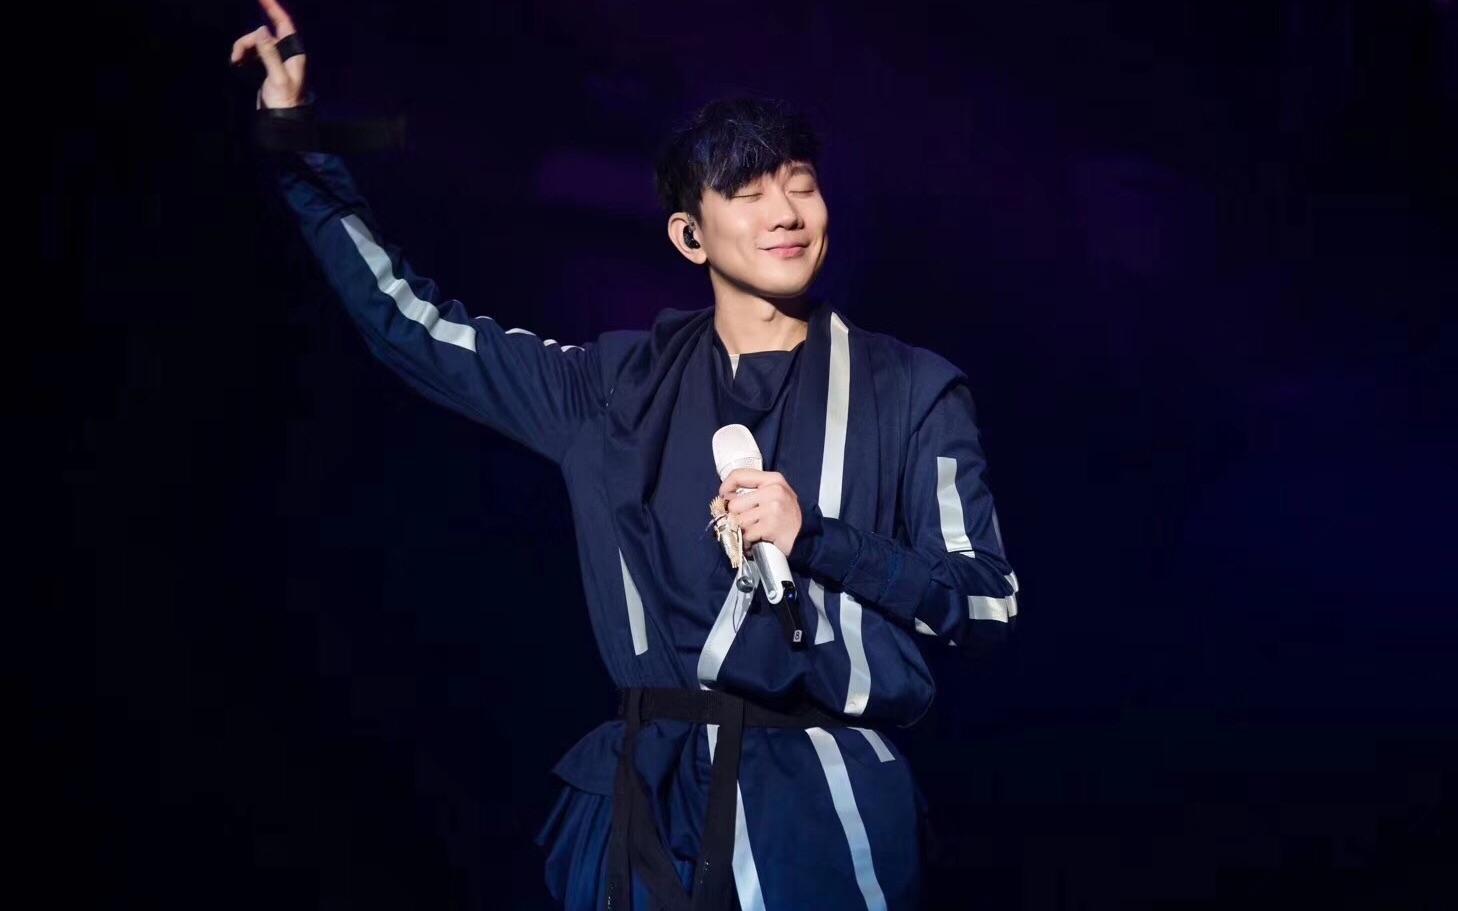 2020林俊杰宁波演唱会(时间+地点+购票详情)